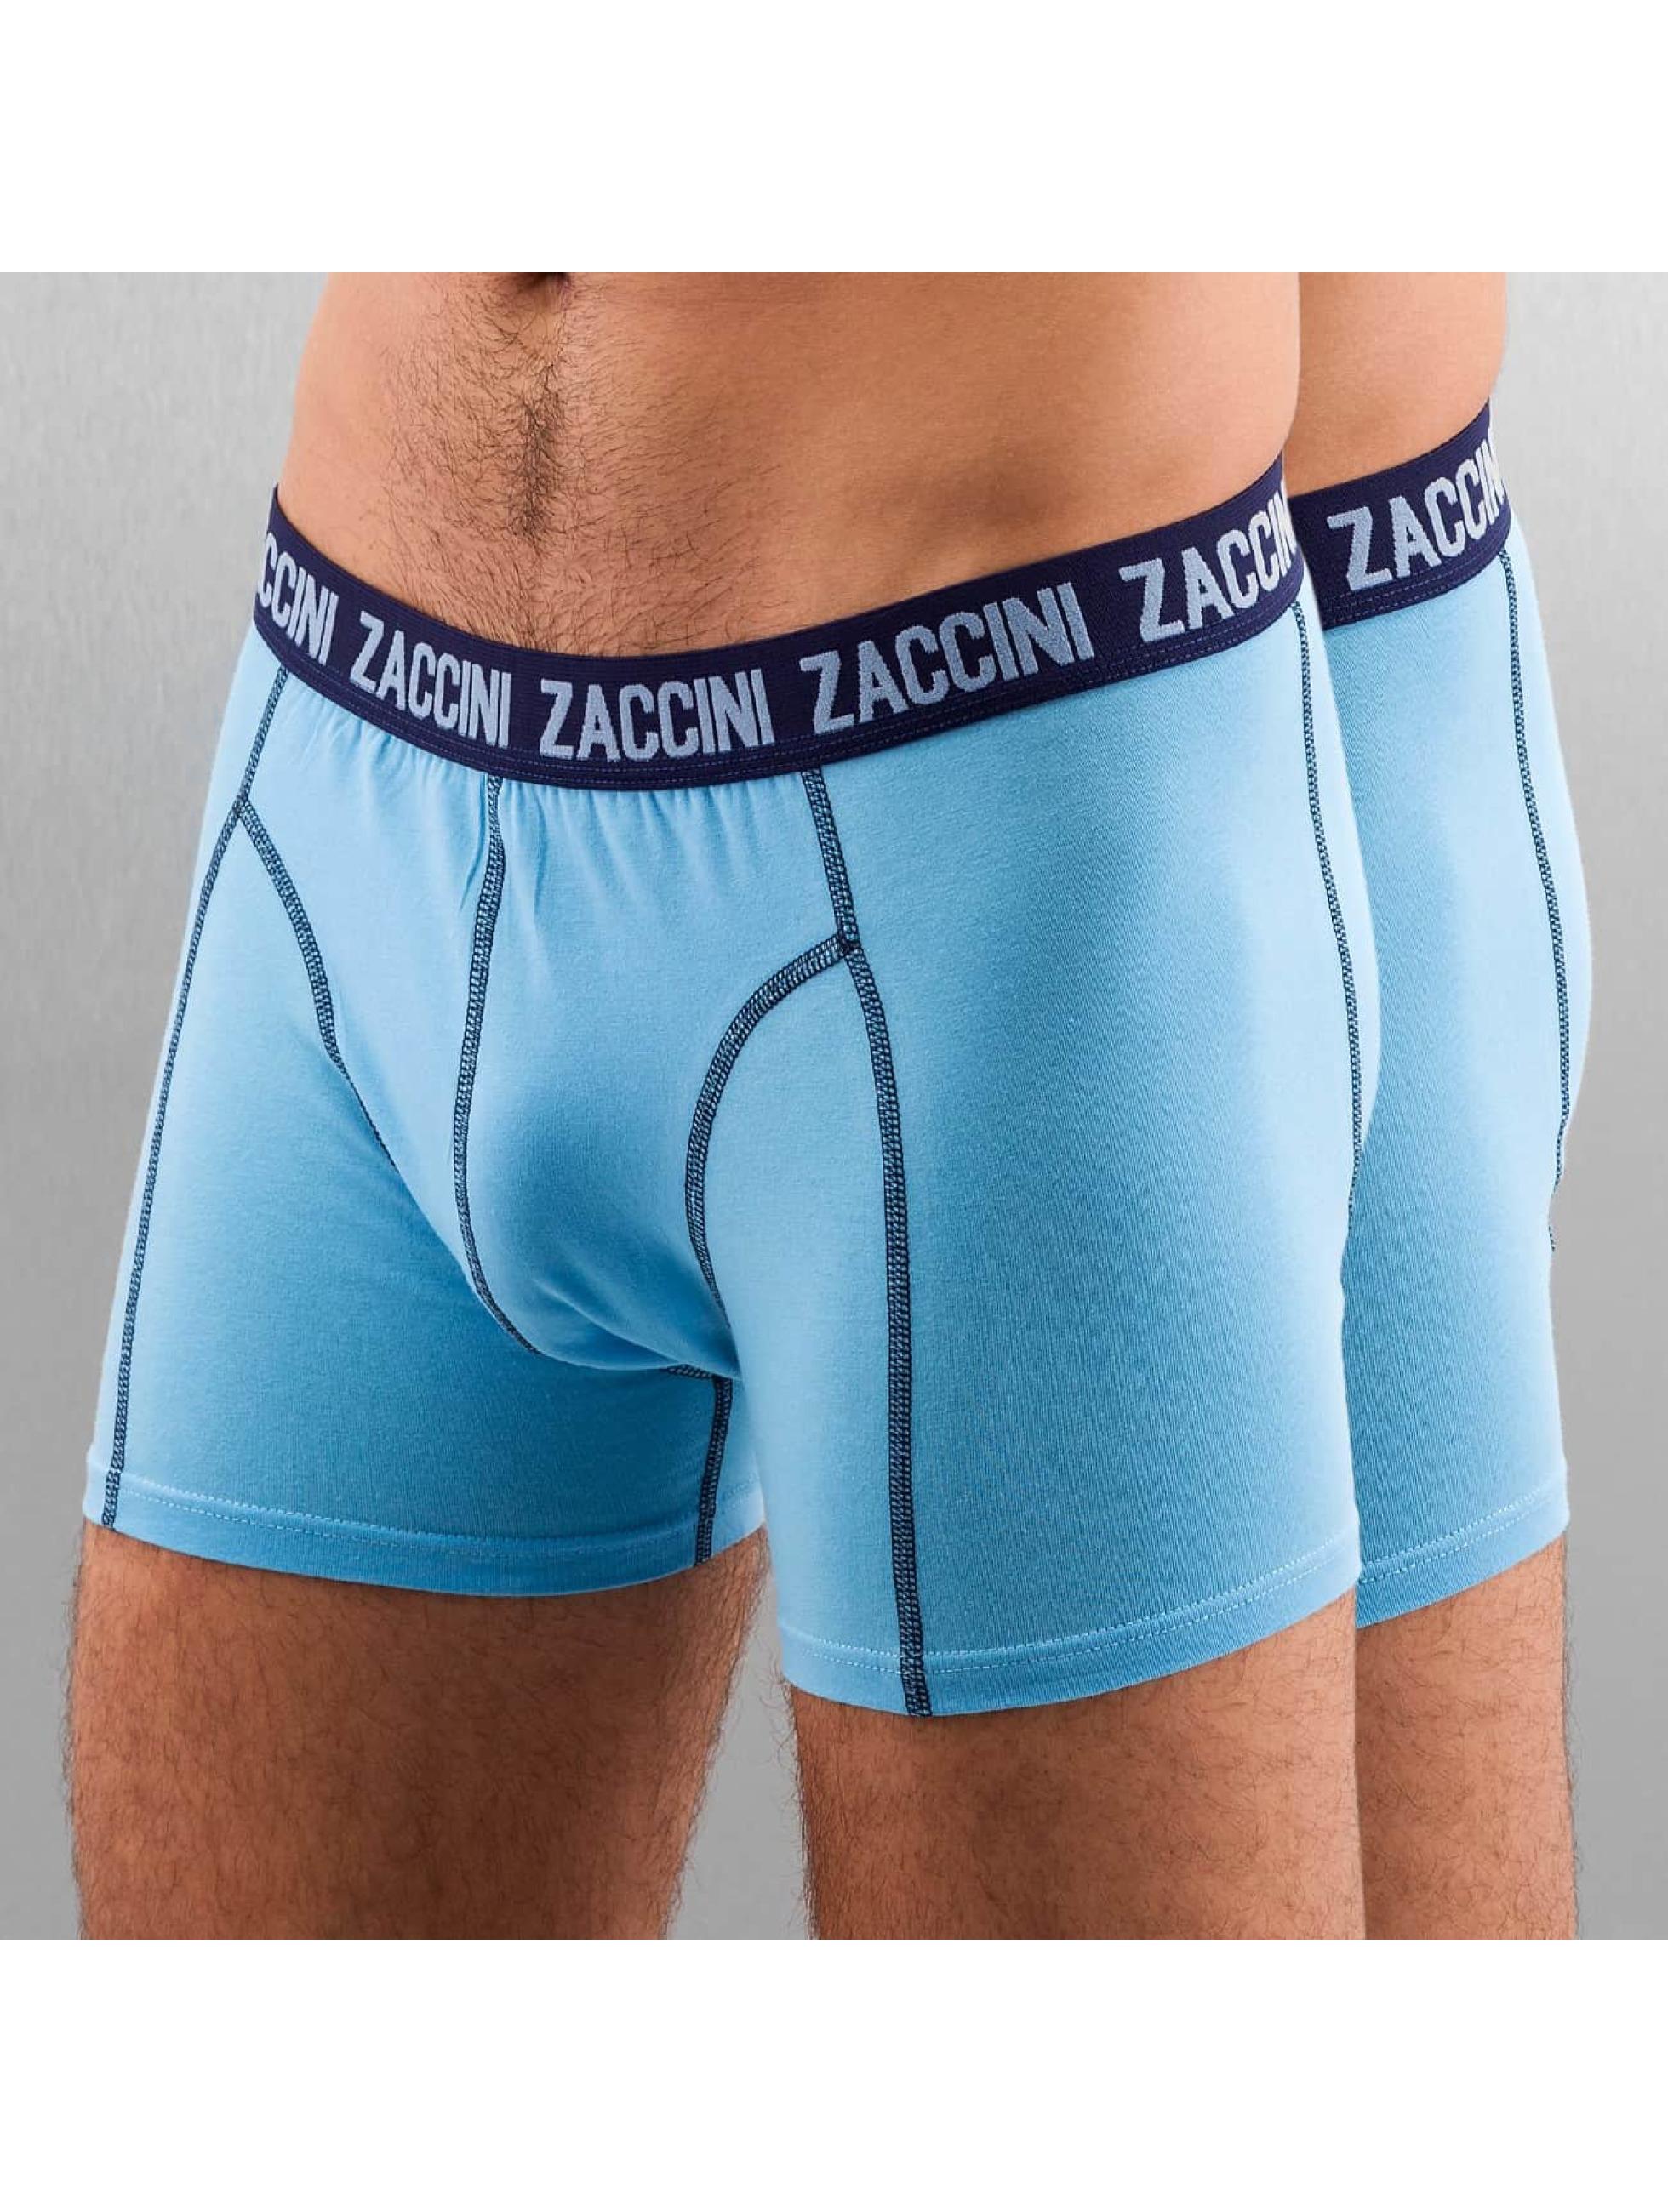 Zaccini Männer Boxershorts Uni 2-Pack in blau